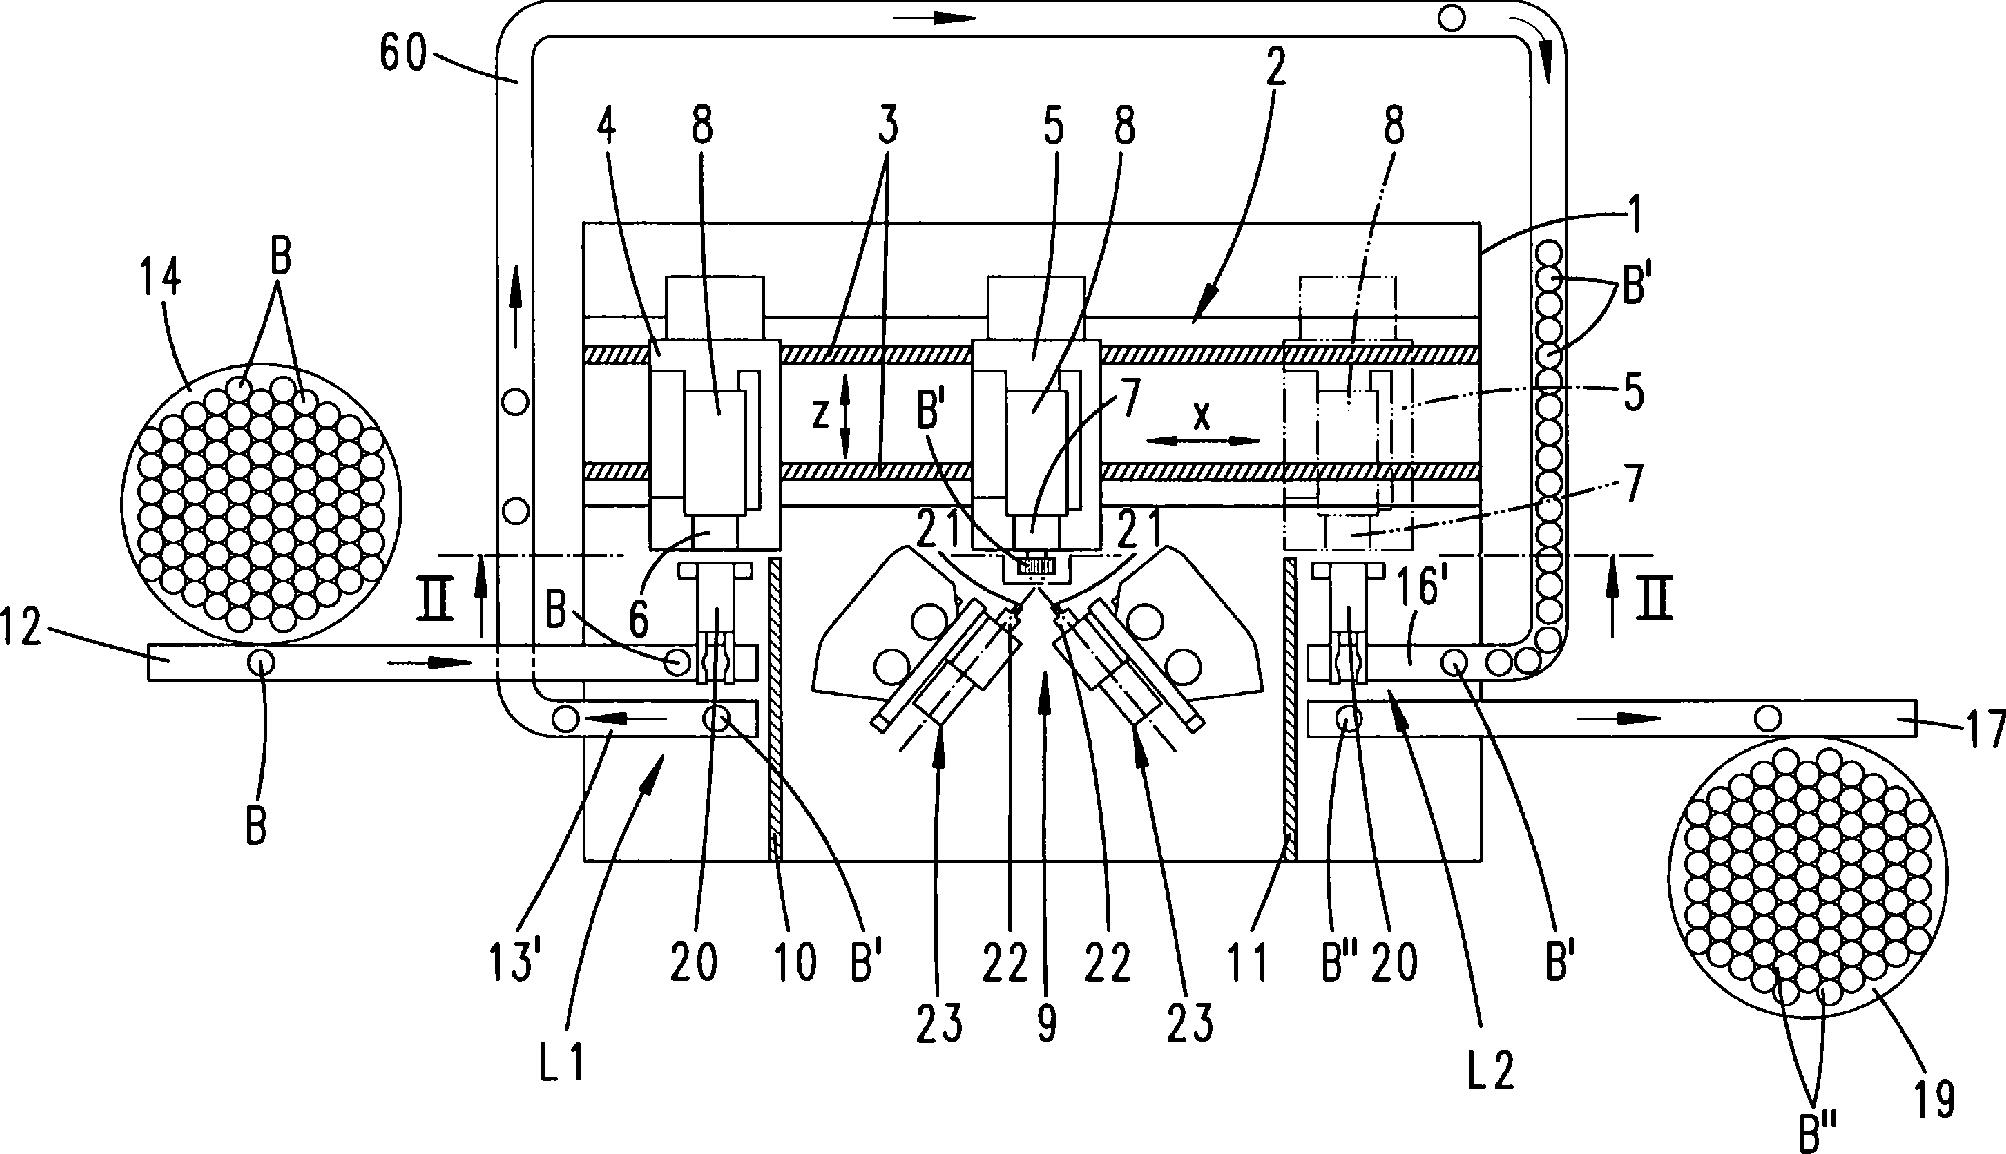 Figure DE102004006351B4_0001